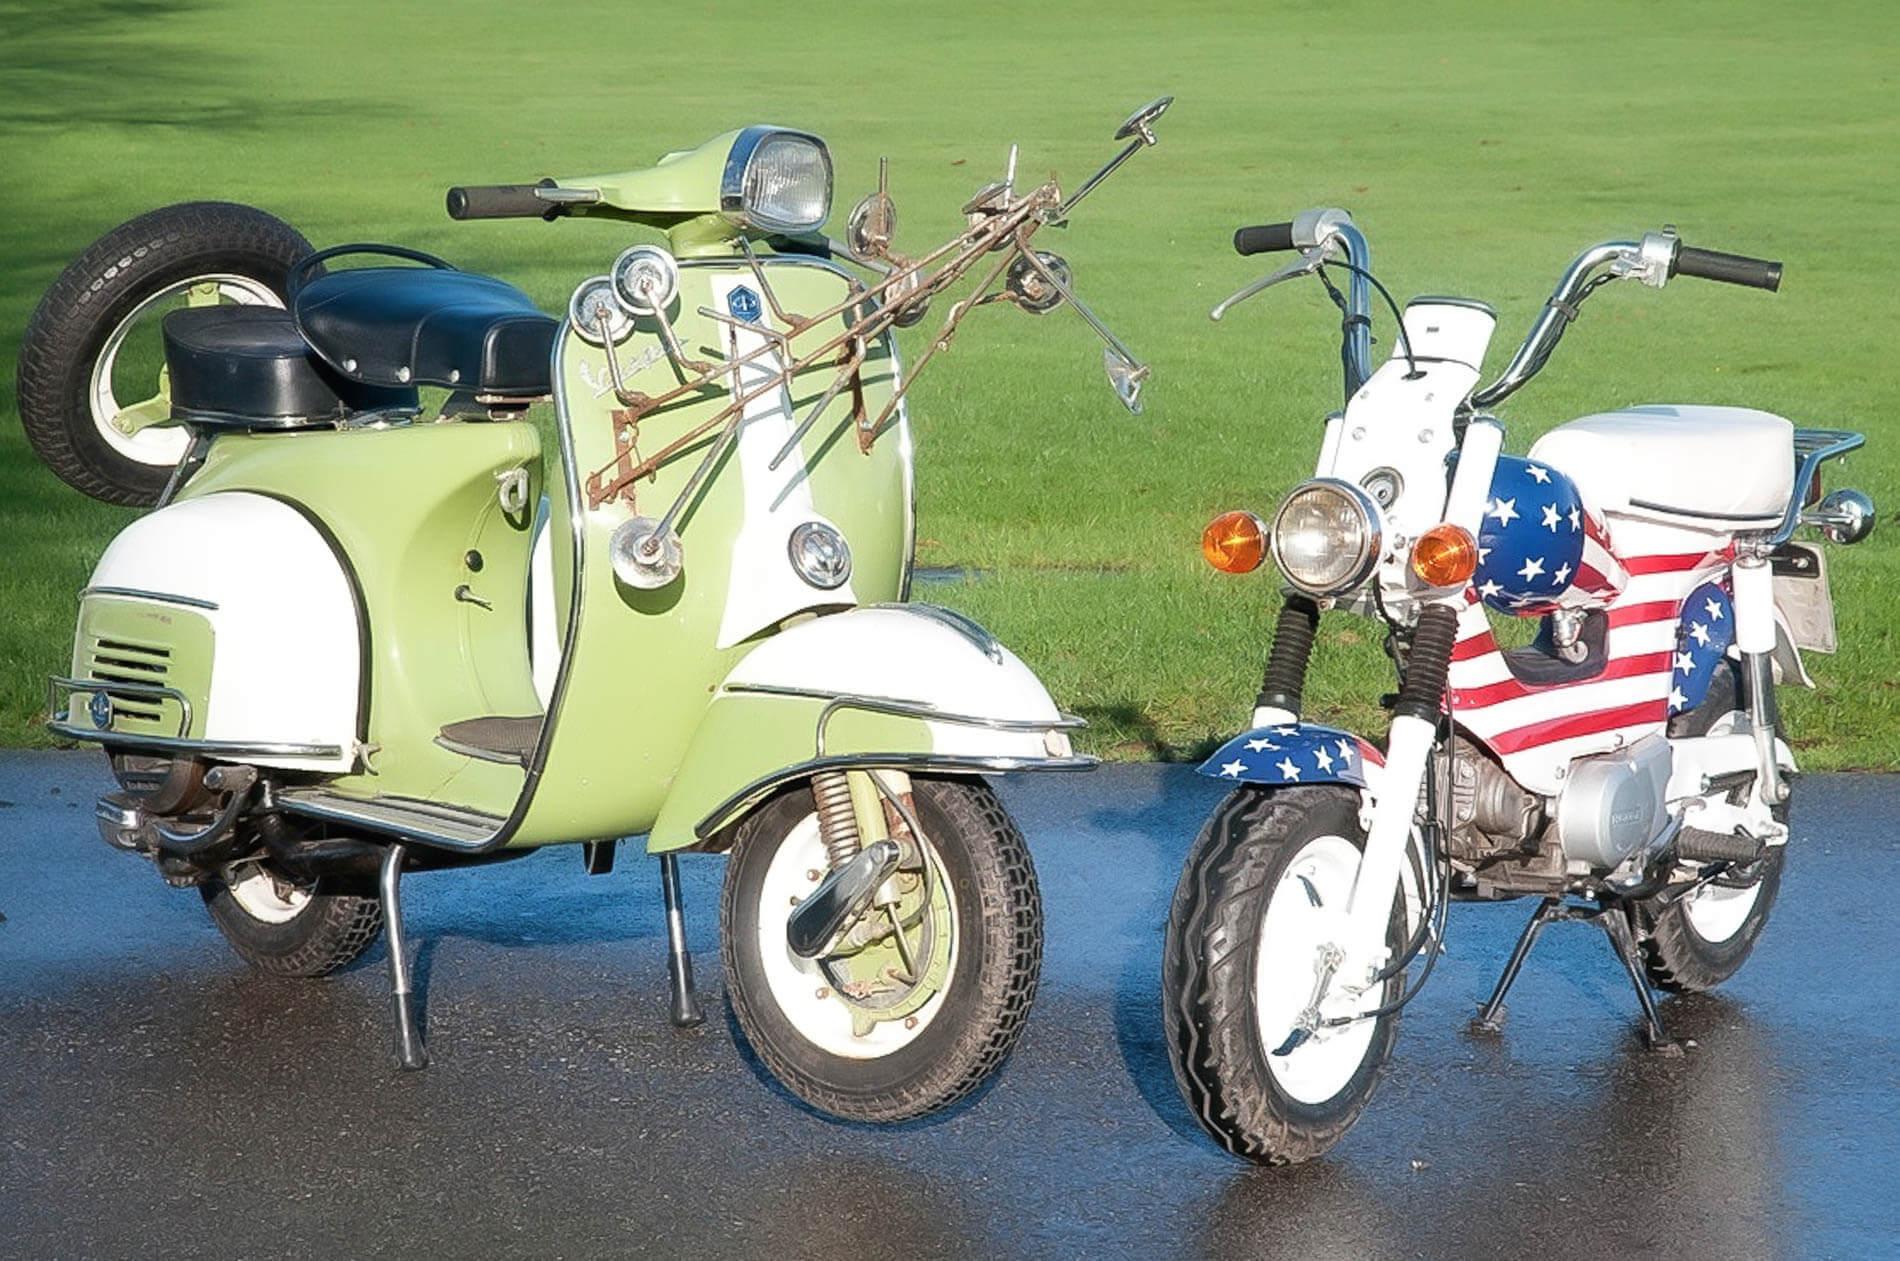 Motorcycles used in Top Gear Vietnam